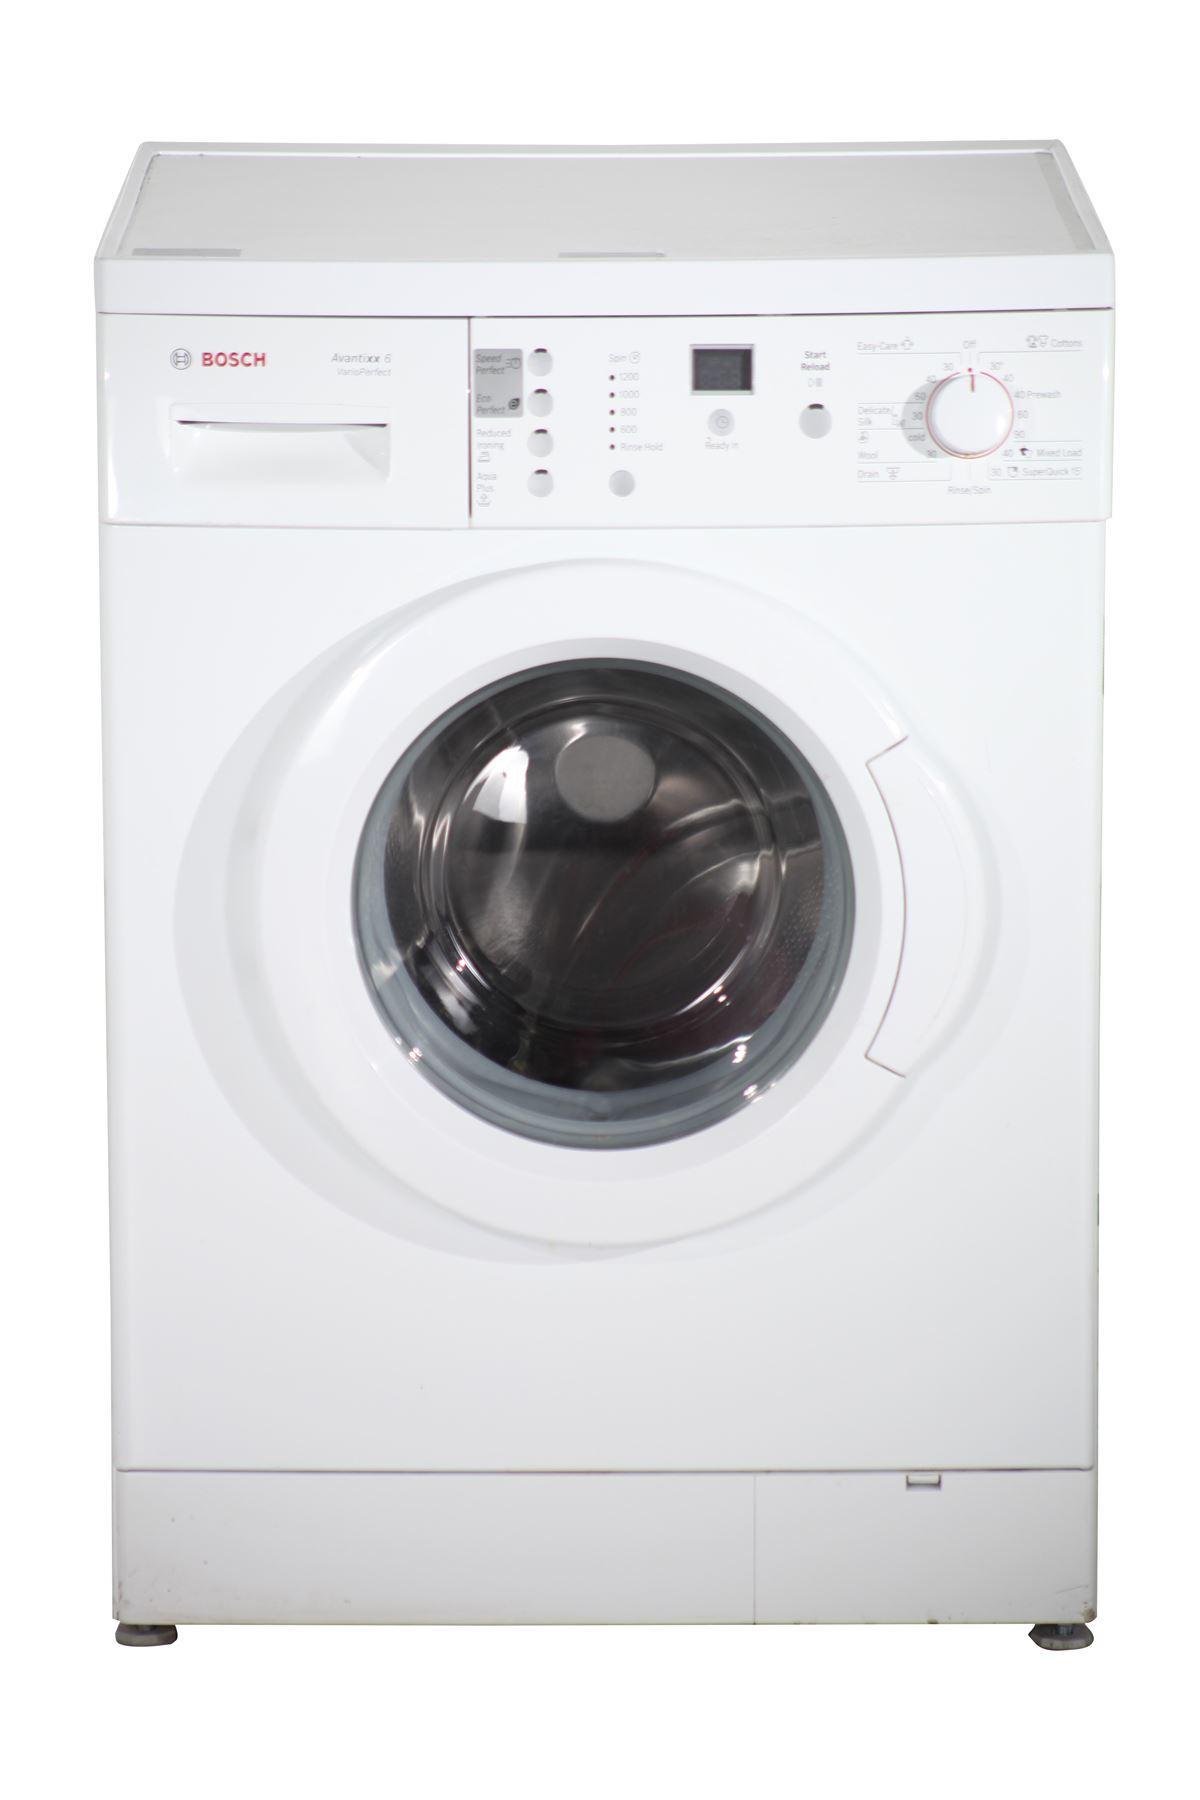 Bosch avantixx 6kg vario perfect washing machine for Bosch online shop